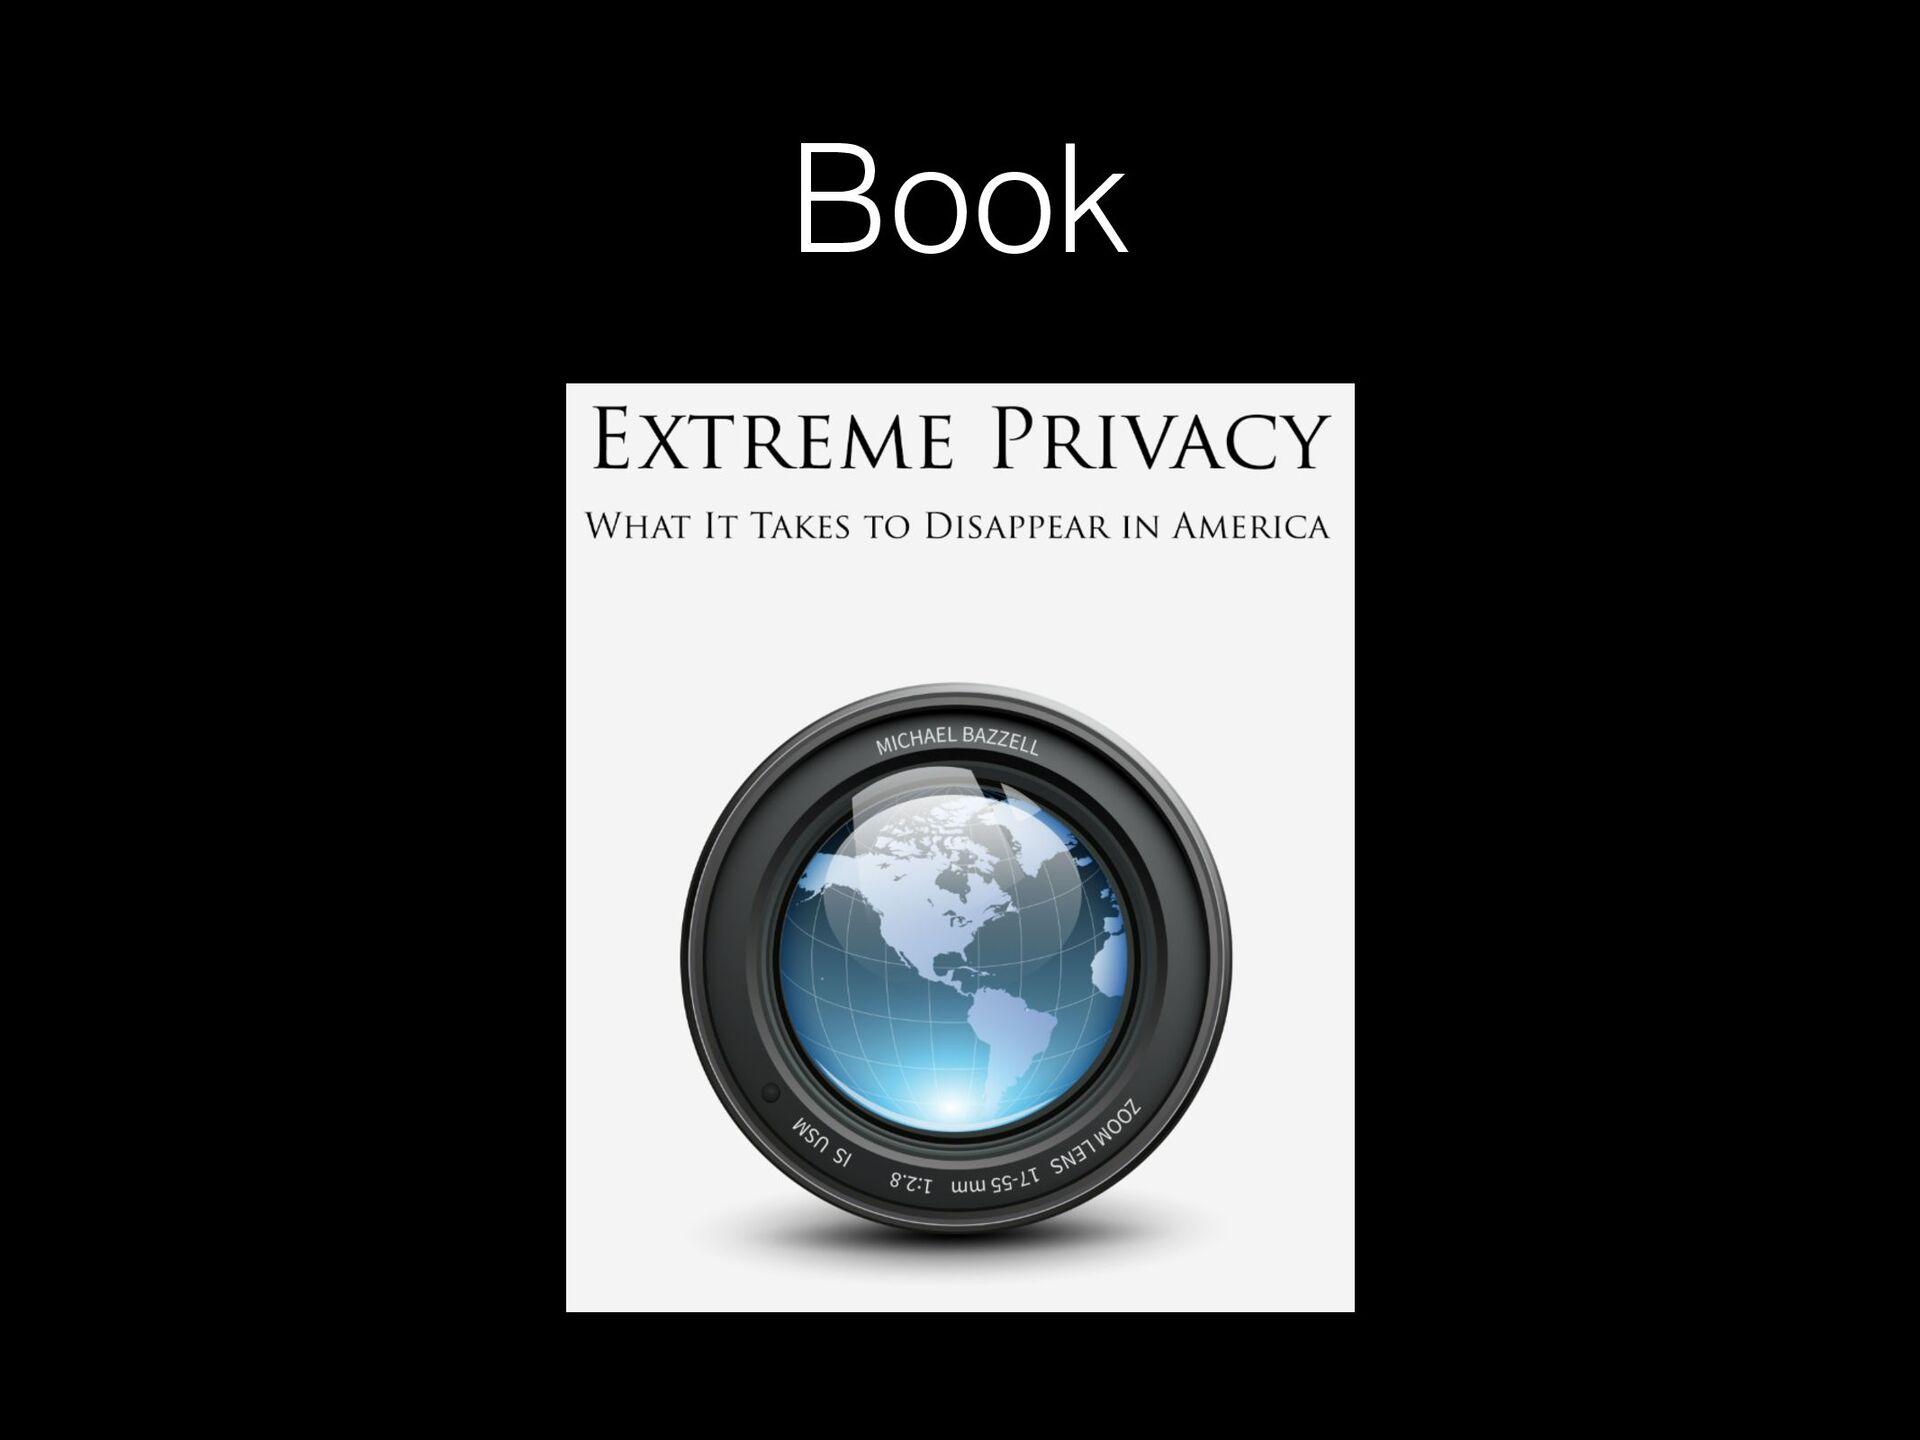 Burner addresses burnermail.io